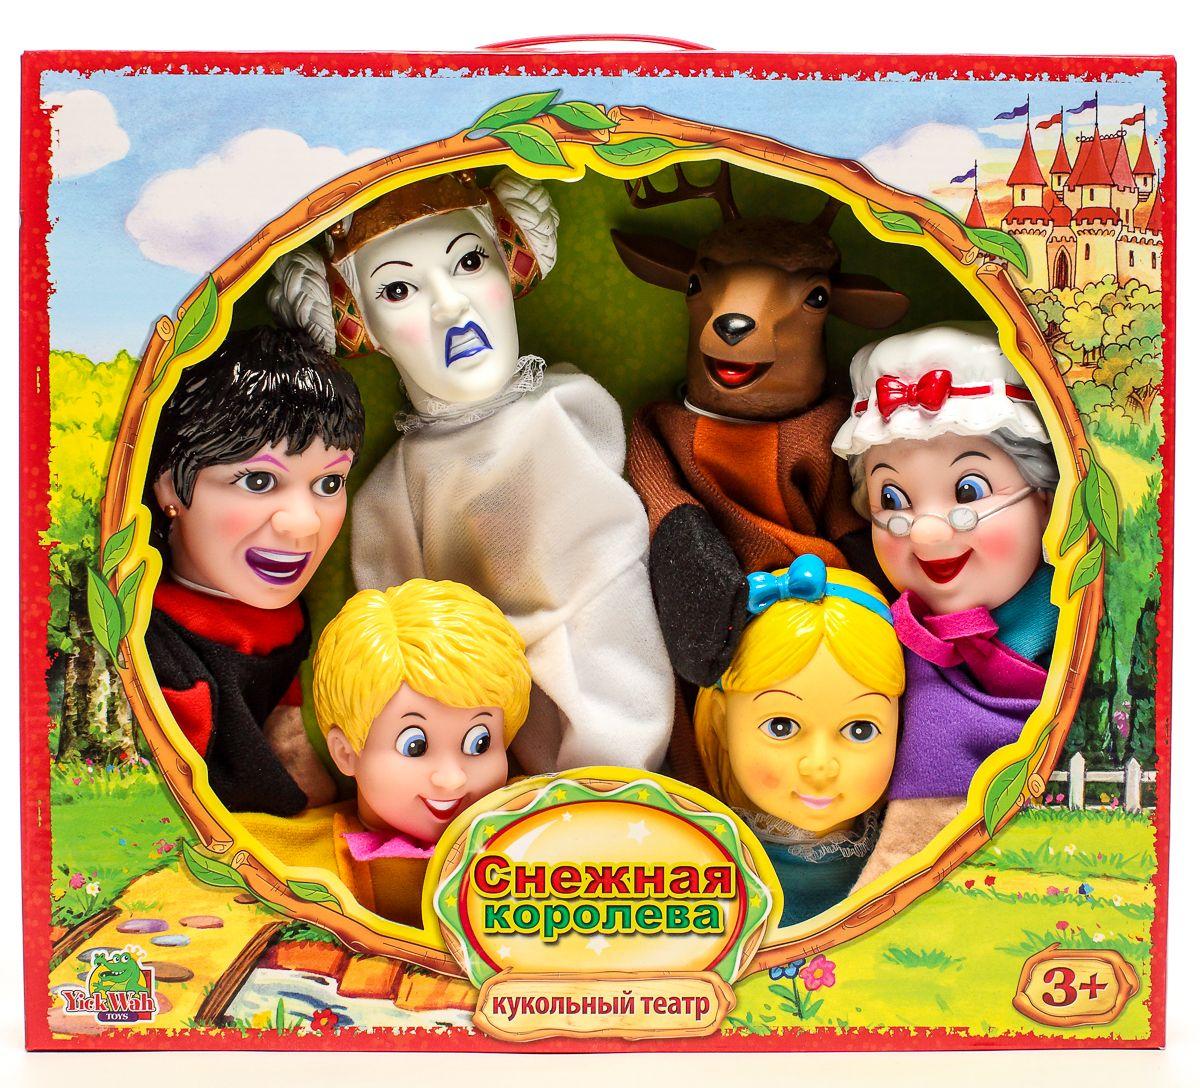 Yick Wah Кукольный театр Снежная королева7142/15SКукольный театр создан на основе всем известной сказки.Набор состоит из 6-и кукол-марионеток большого размера,одевающихся на кисть руки.Куклы обладают высокой прочностью,безопасностью.Доставляют малышам масс приятных и радостных эмоций